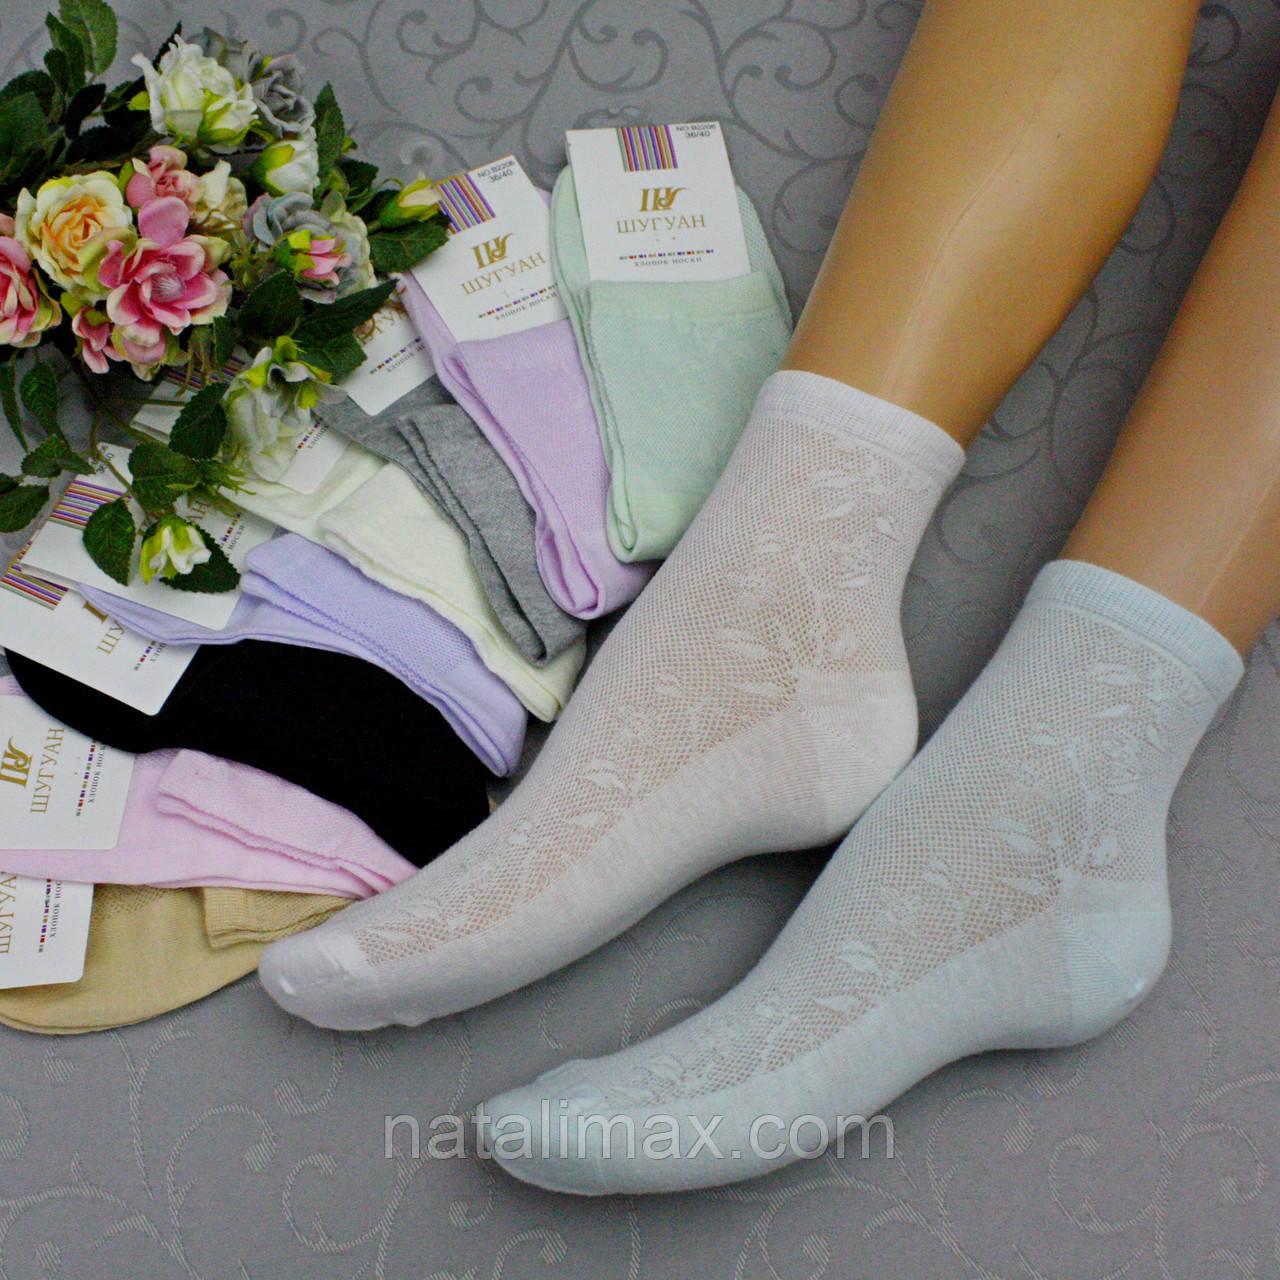 0c931fdb311d Носки женские и подростковые оптом дешево : продажа носков, купить ...